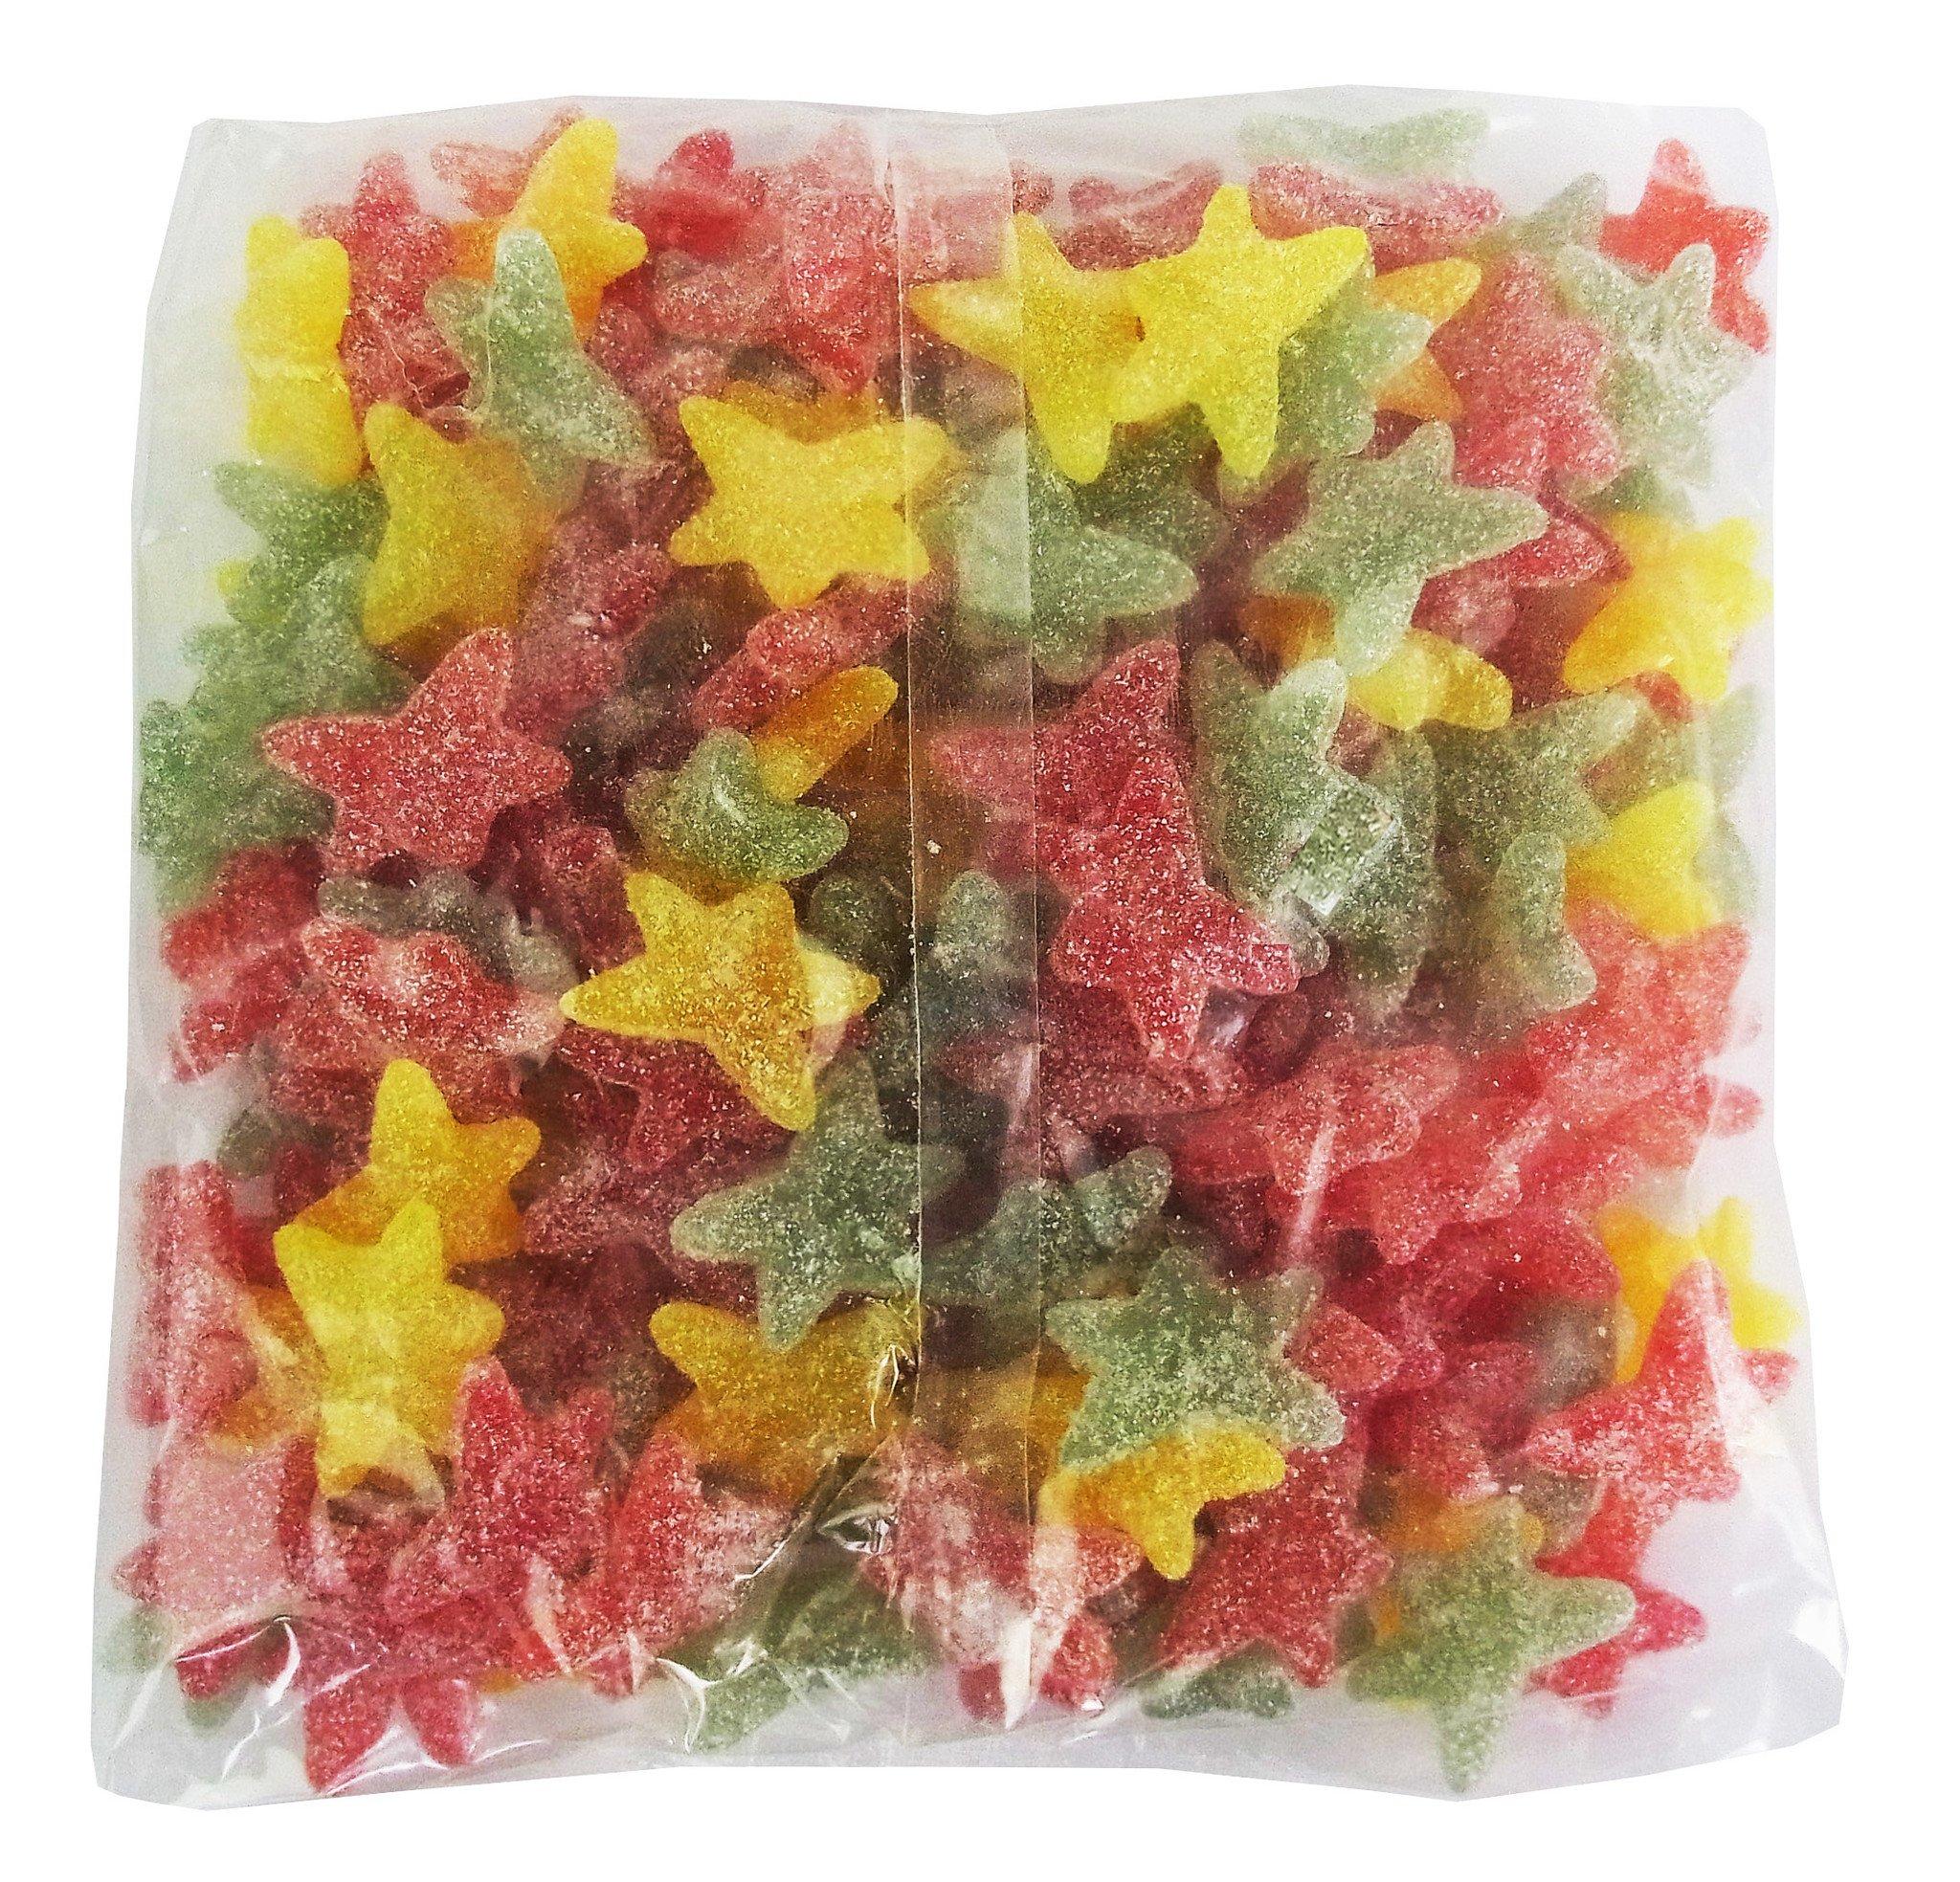 CAPTAIN PLAY Fruchtgummi ohne gelatine, Saure Sternchen, Fruchtgummi Großpackung, 2kg